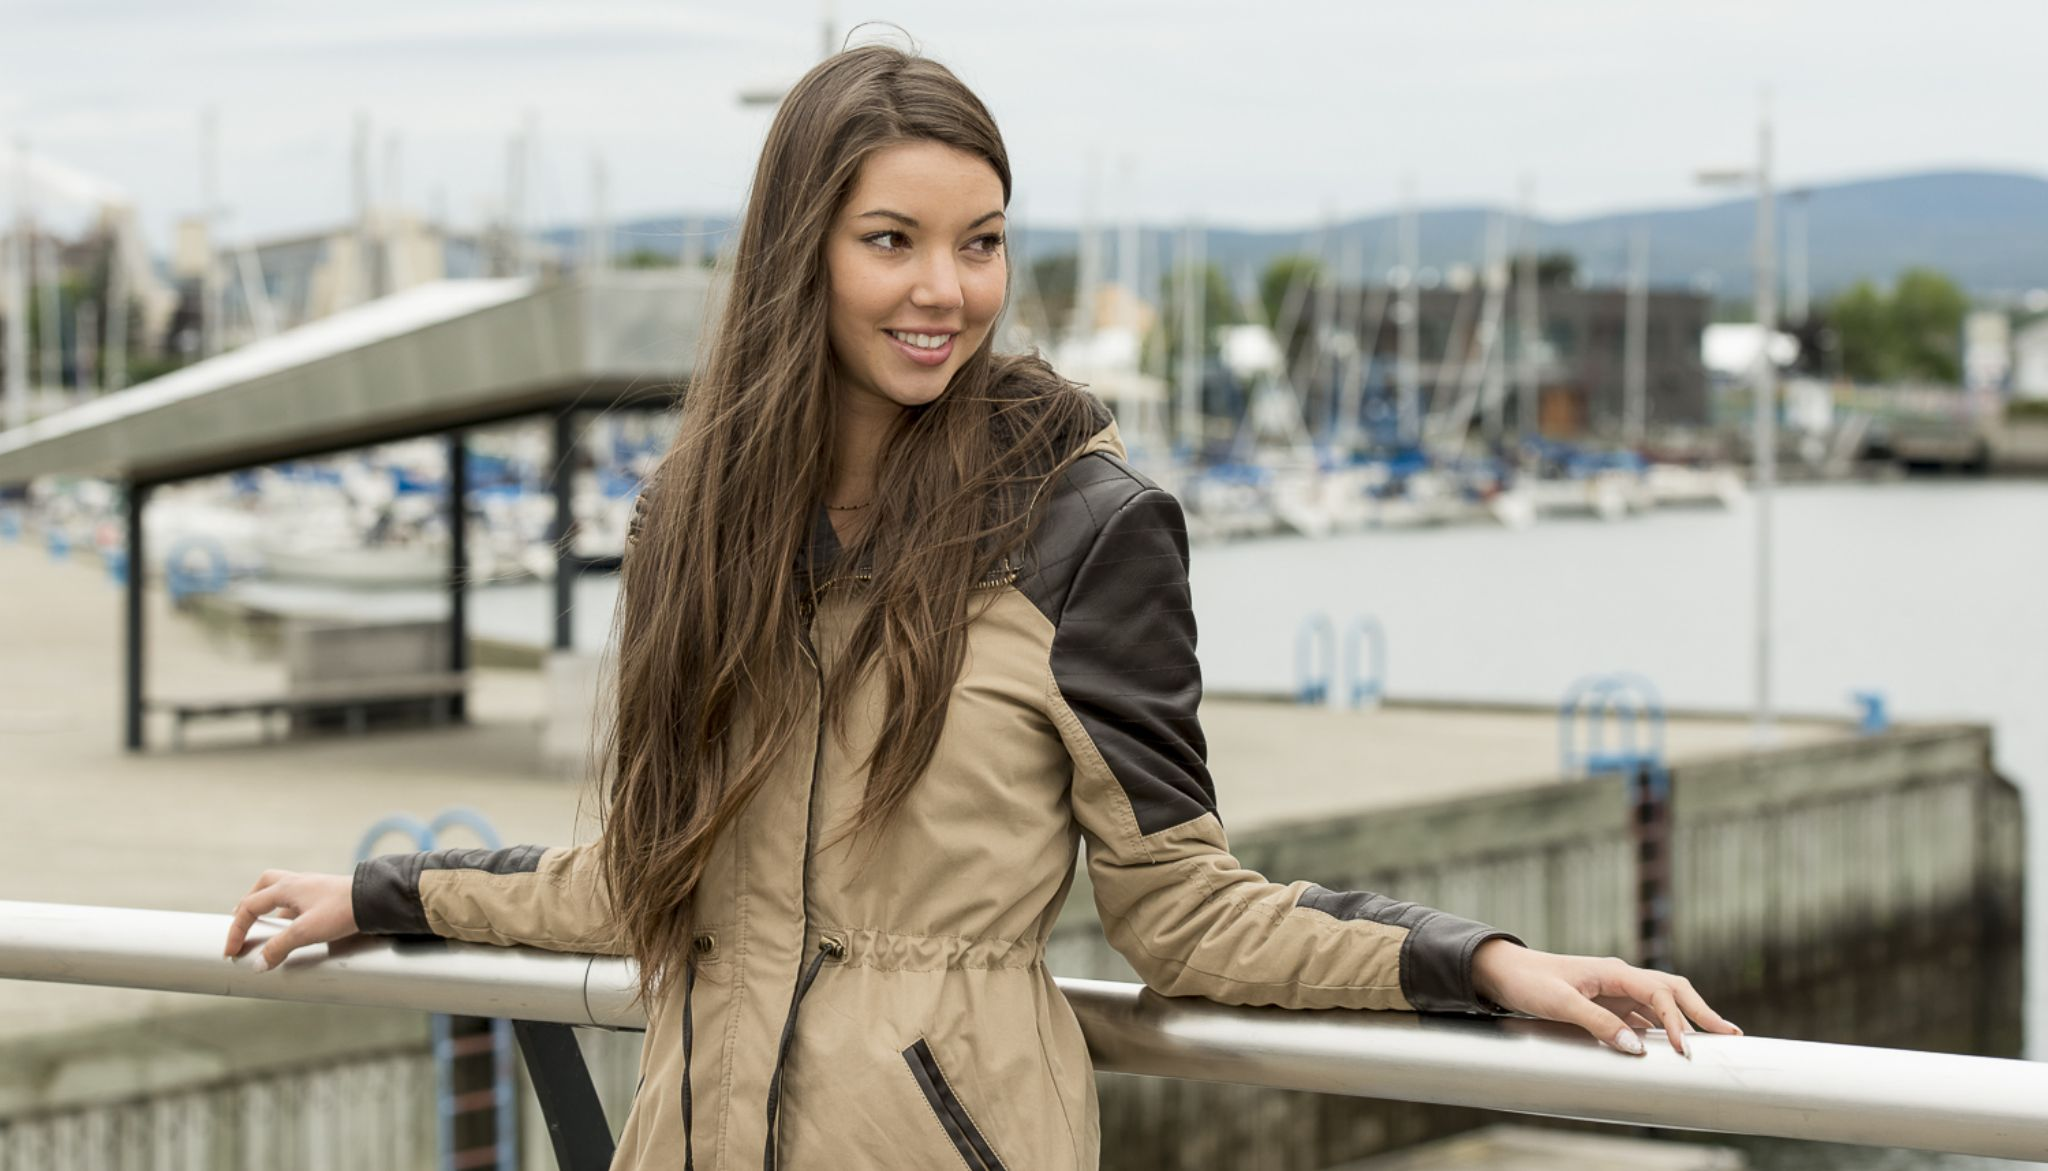 Samantha model by Allan Caron